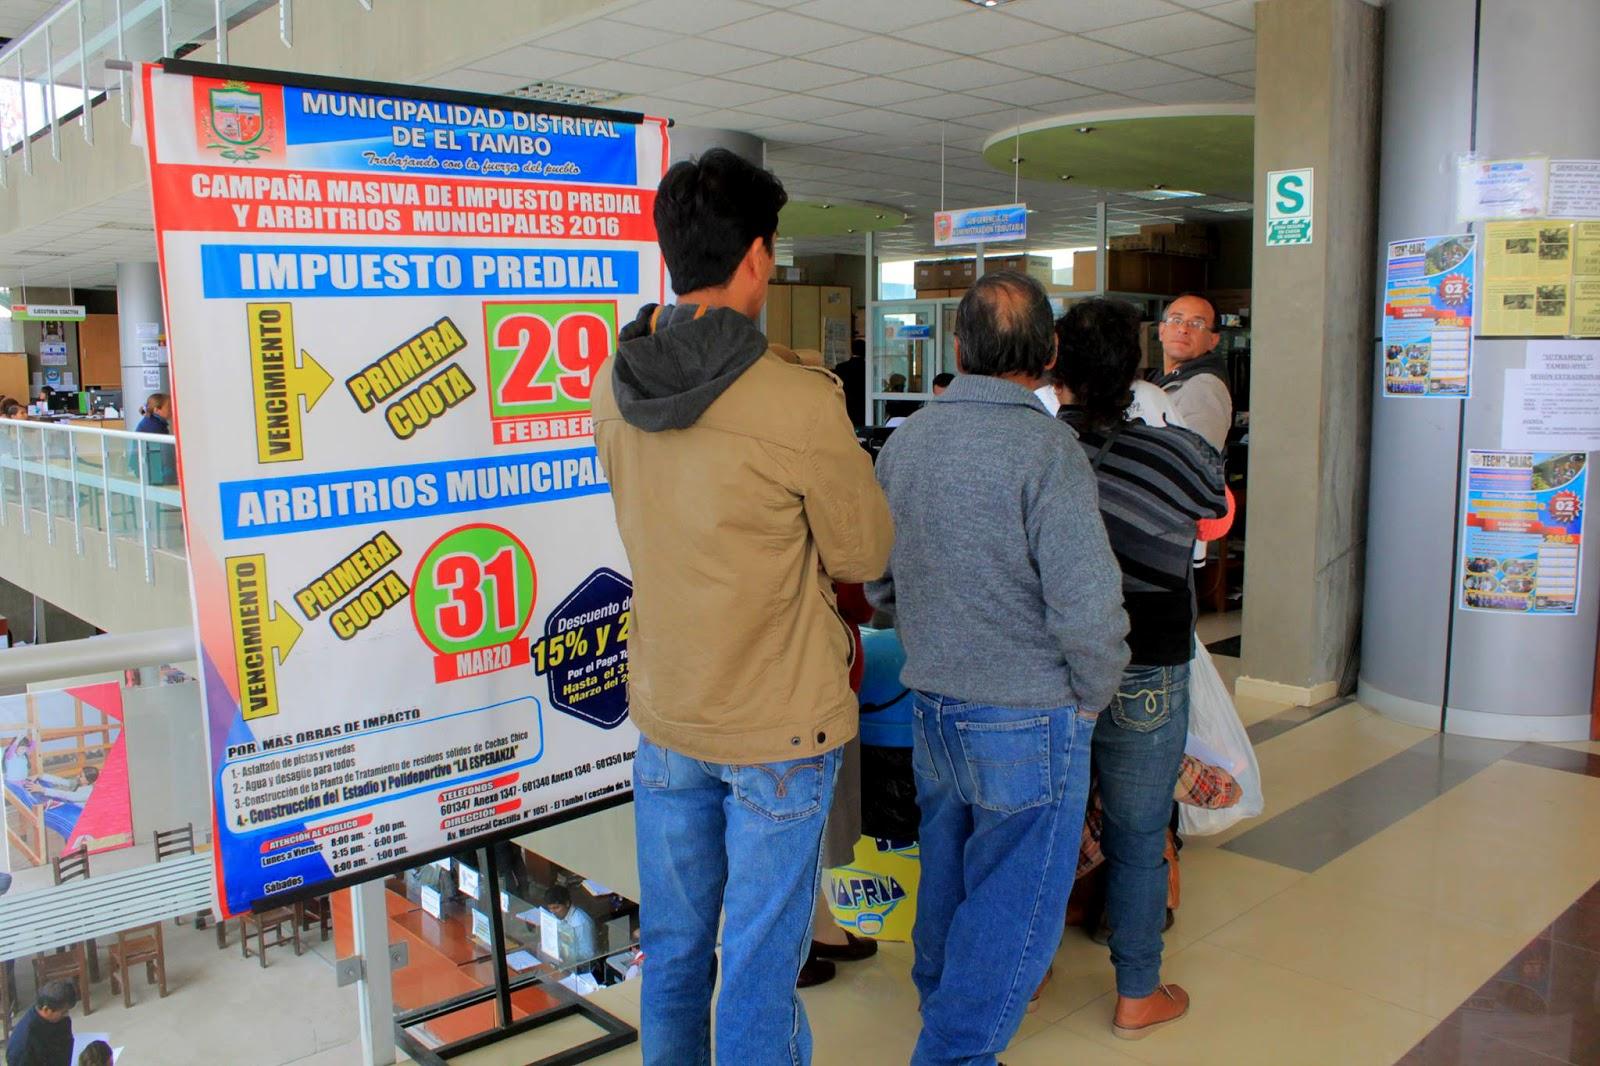 Recaudación de impuesto predial se incrementó en 26% en El Tambo